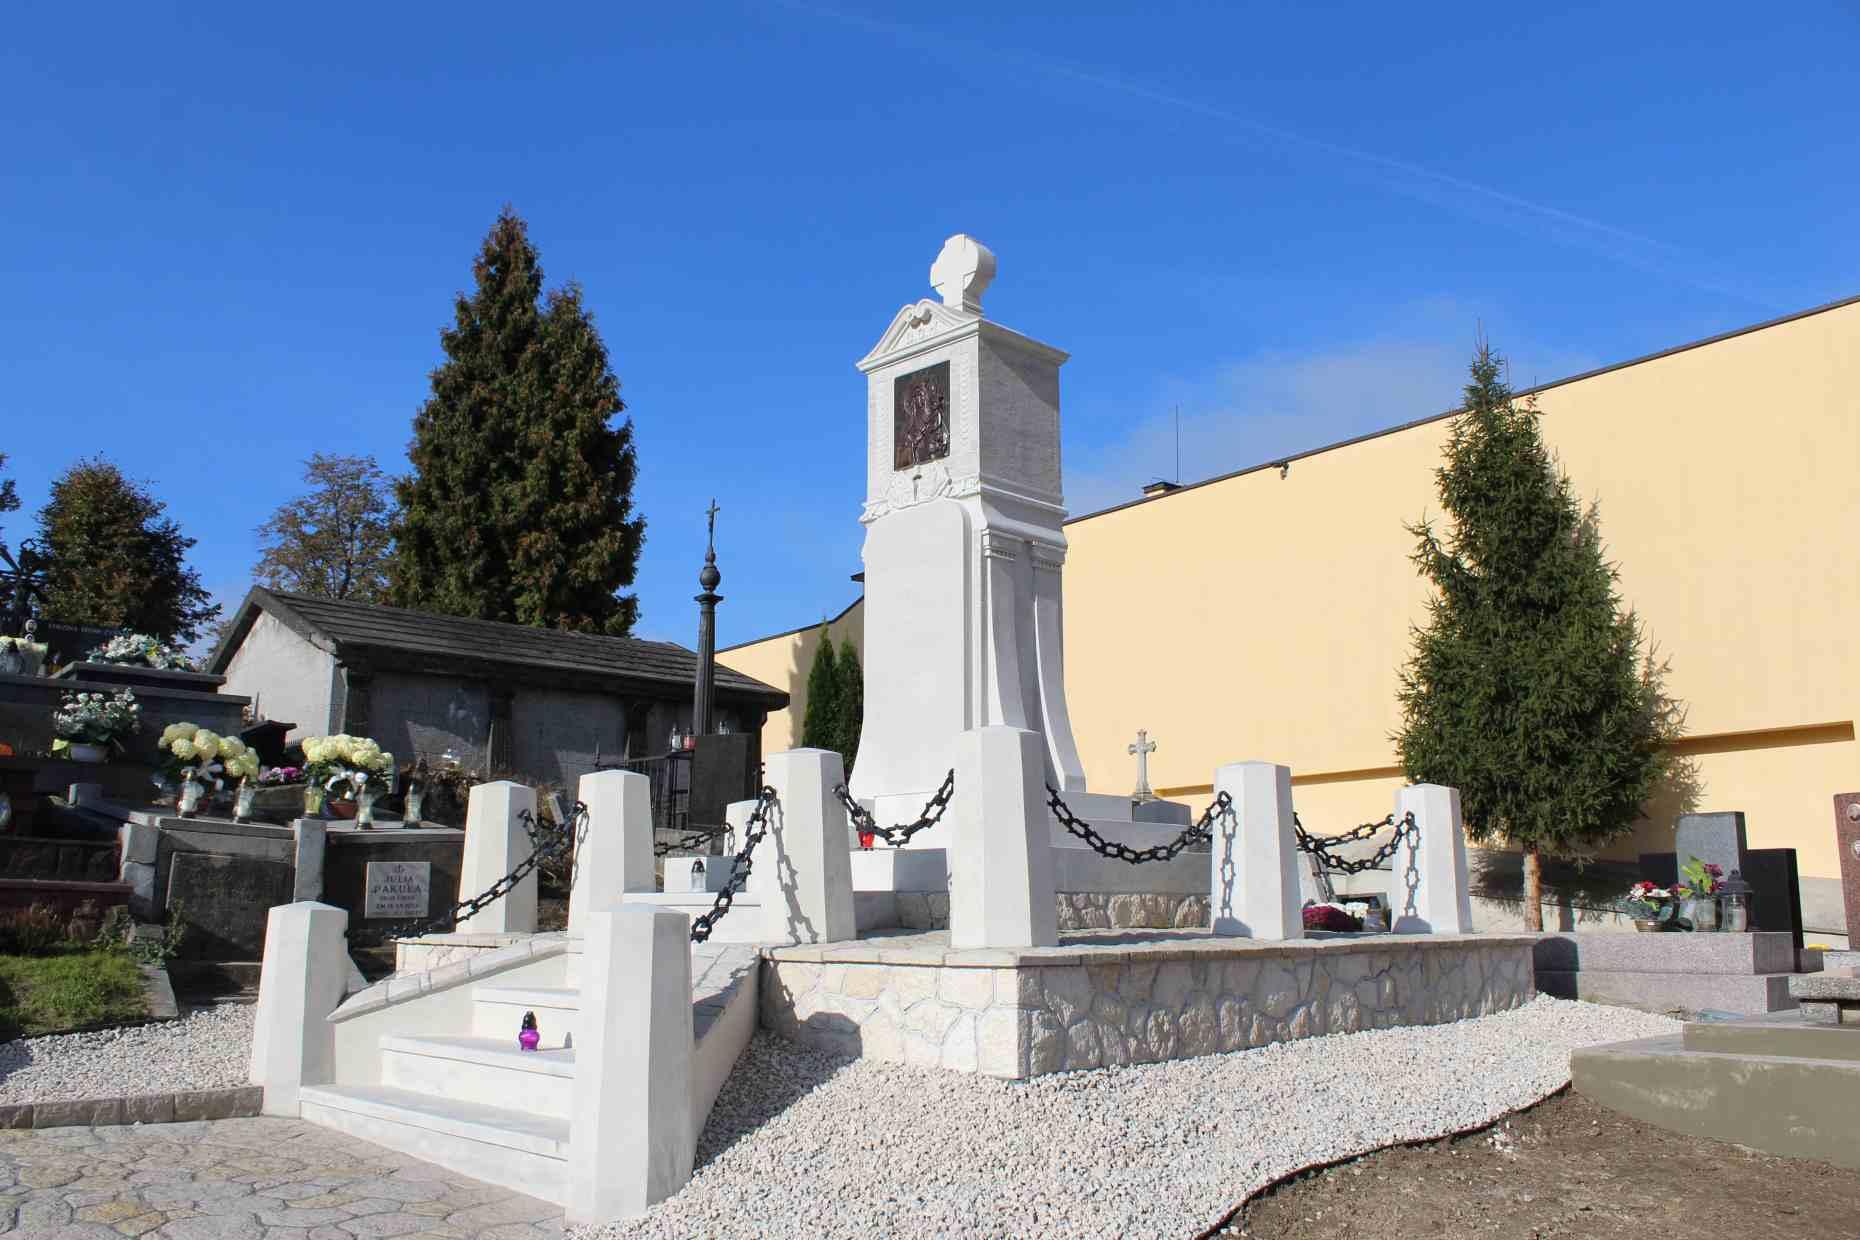 Pomnik-powstania-w-miechowie-03